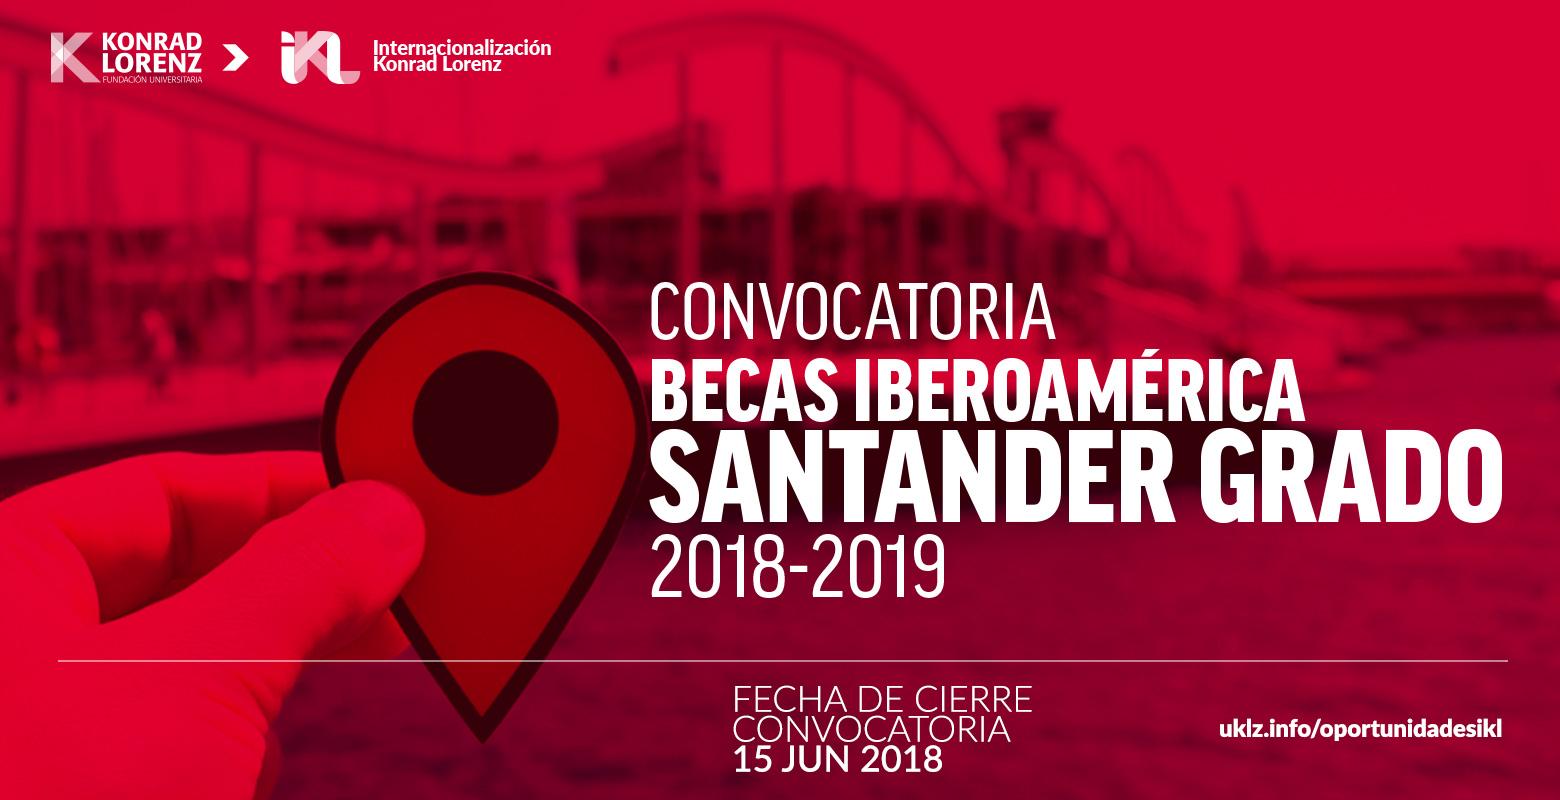 Convocatoria Becas Iberoamérica. Santander Grado 2018-2019